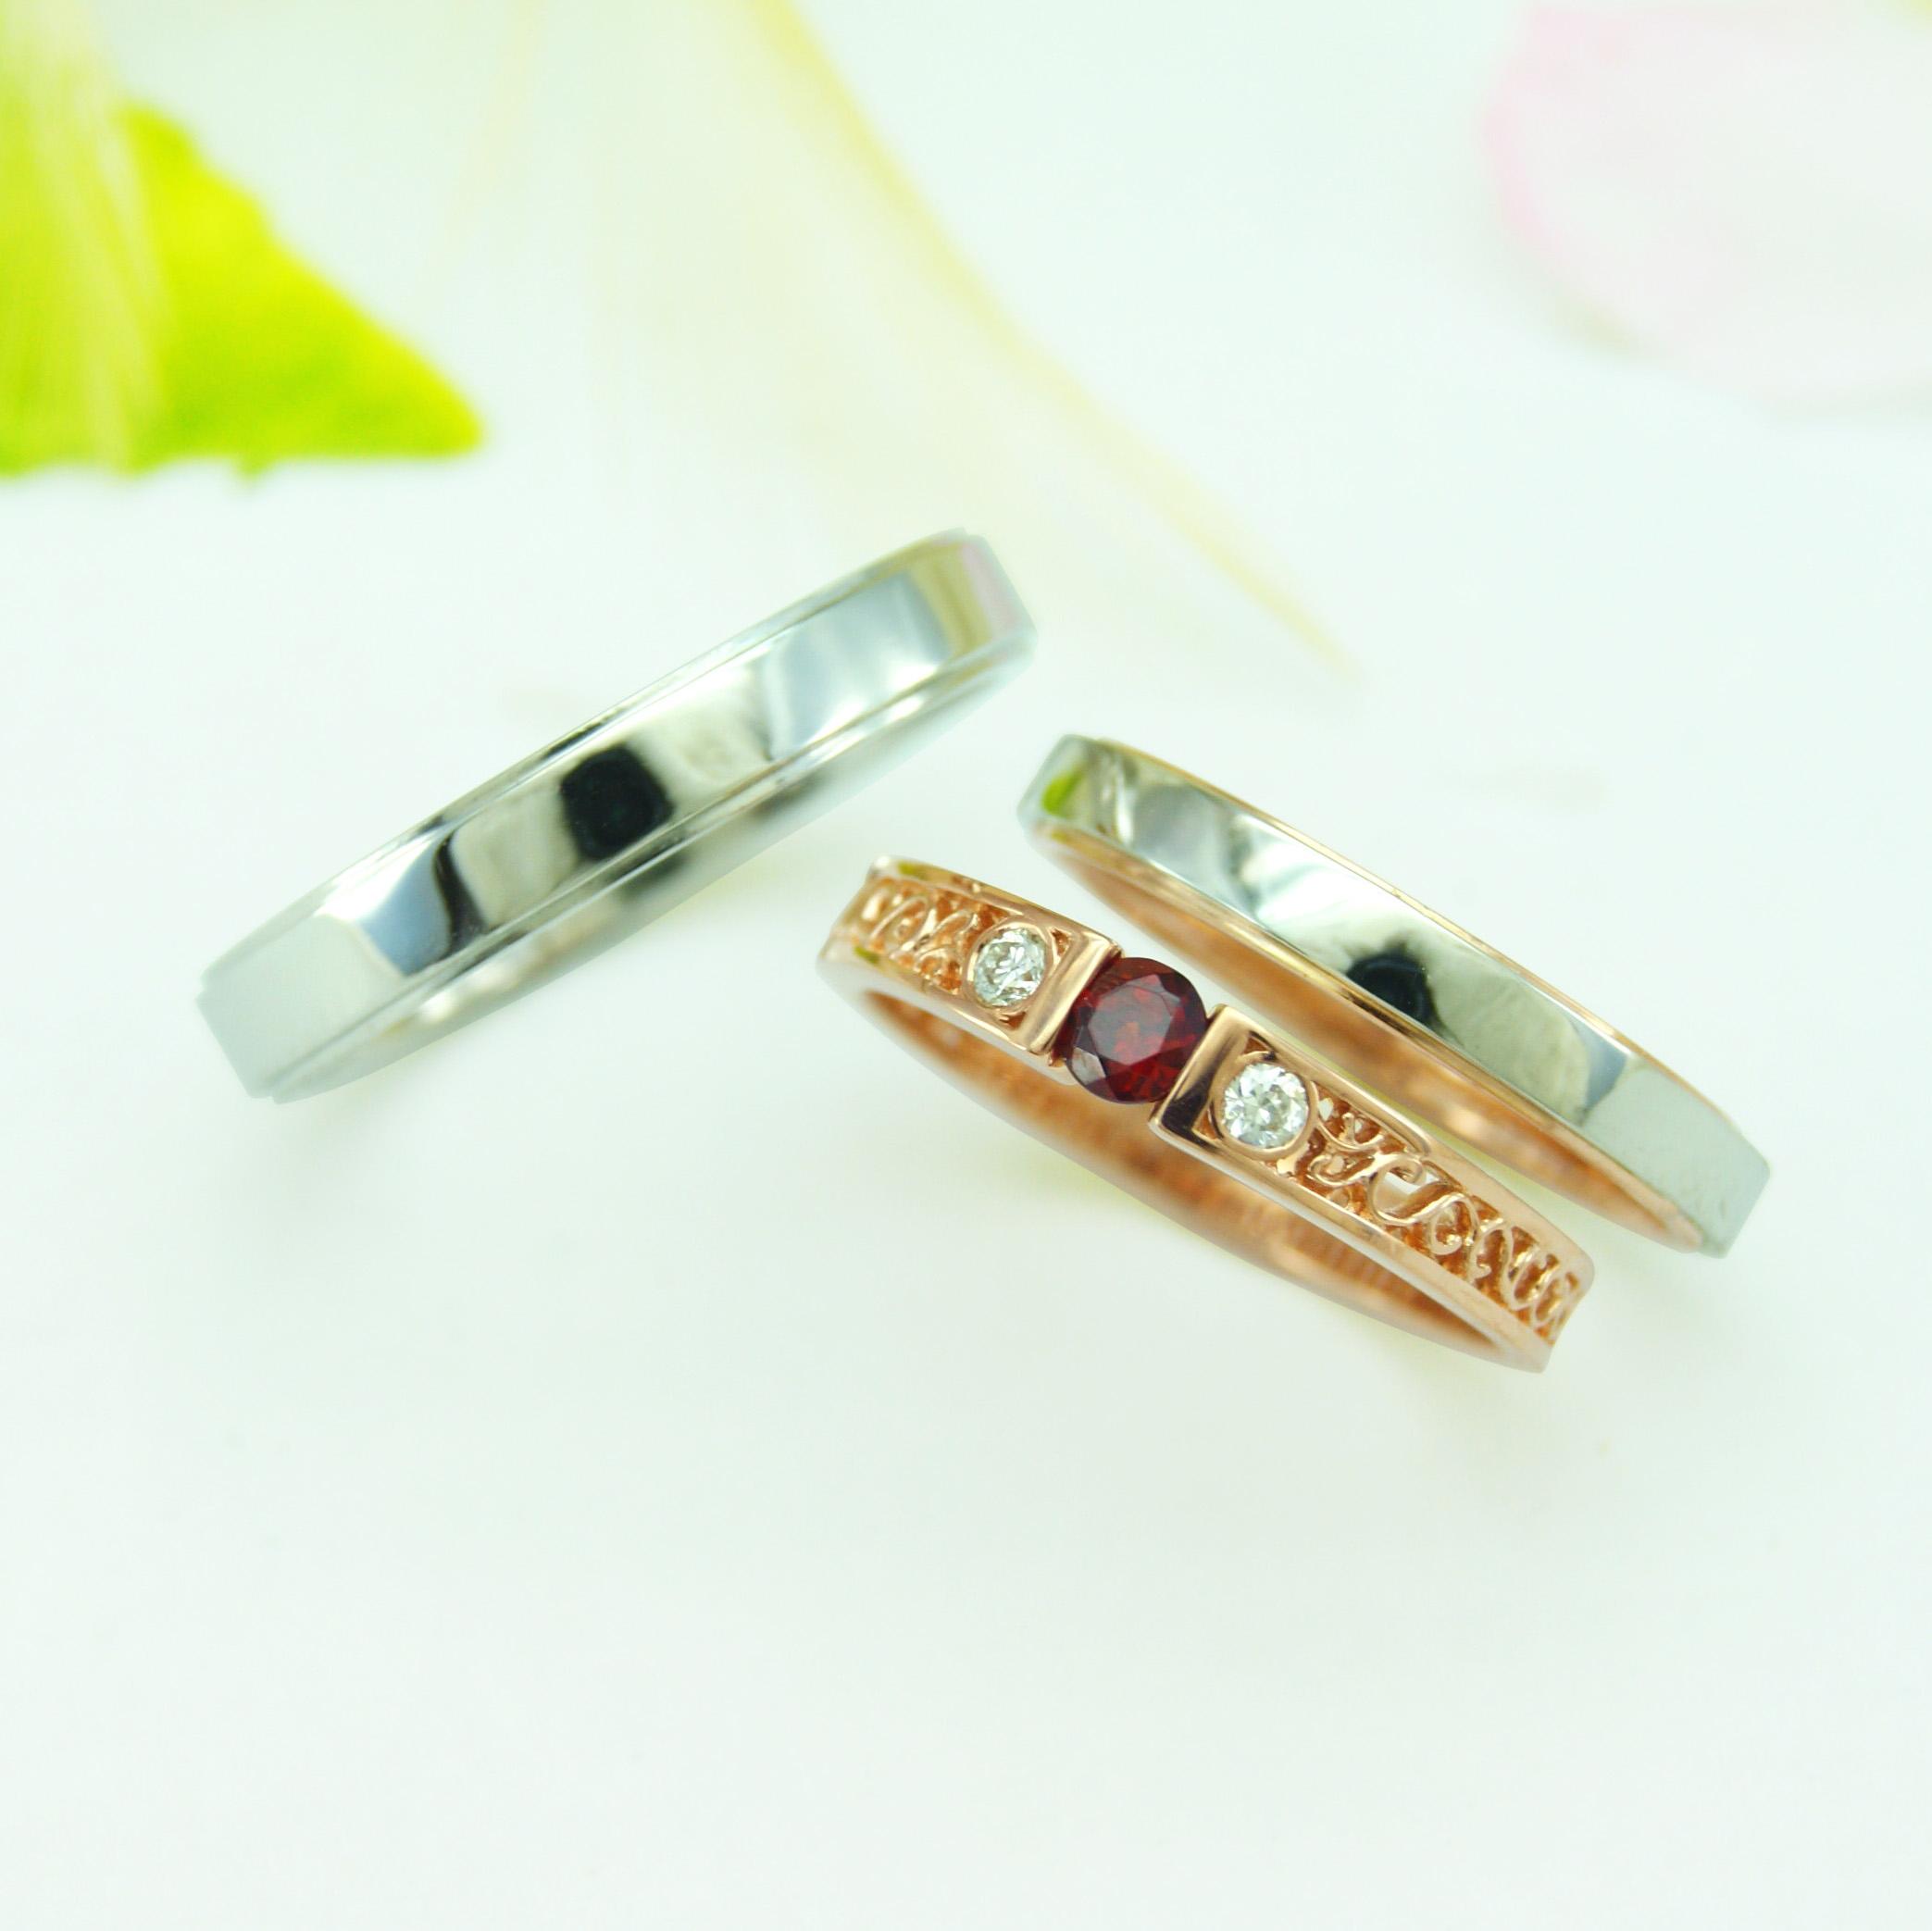 世界に一つだけの結婚指輪 kazariyaYui 福島県郡山市 結婚指輪 婚約指輪 セットリング 透彫